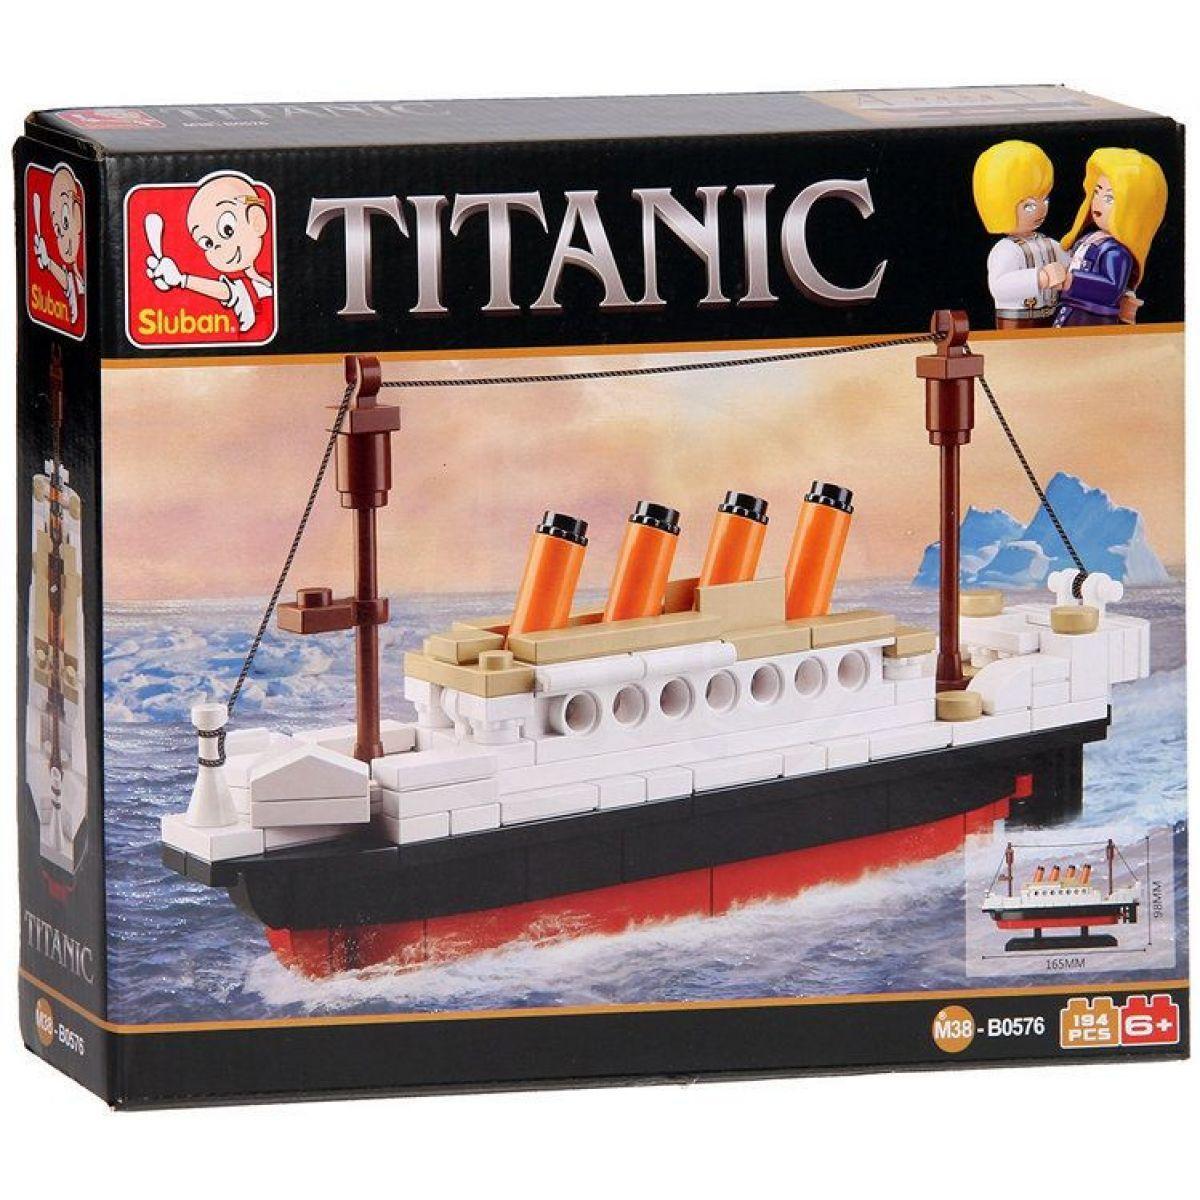 Sluban Stavebnice Titanic 194 dílků